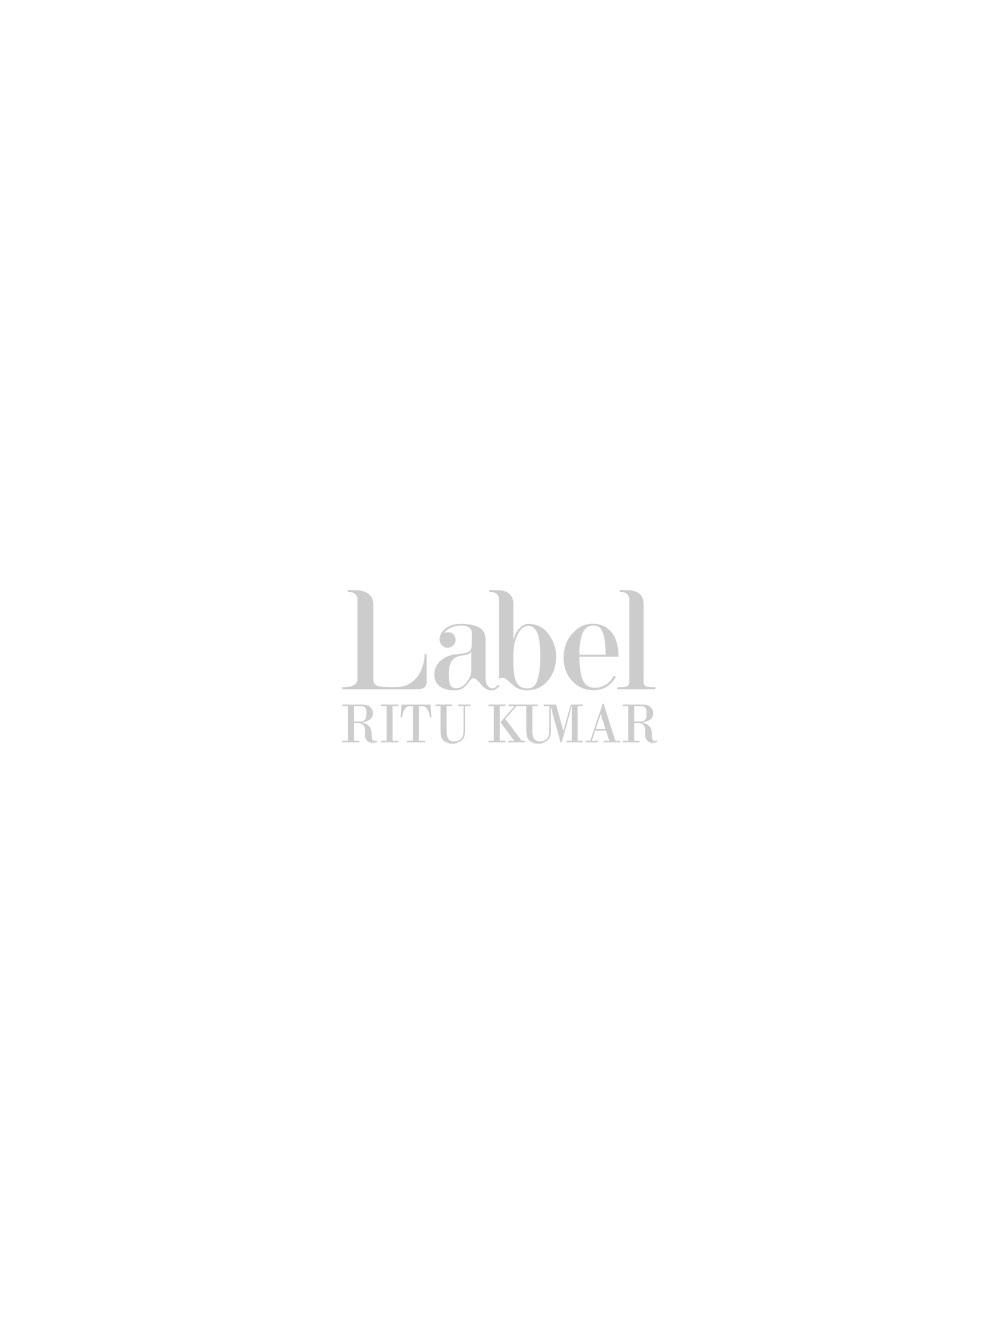 Designer Sheer Printed Kaftan Dress